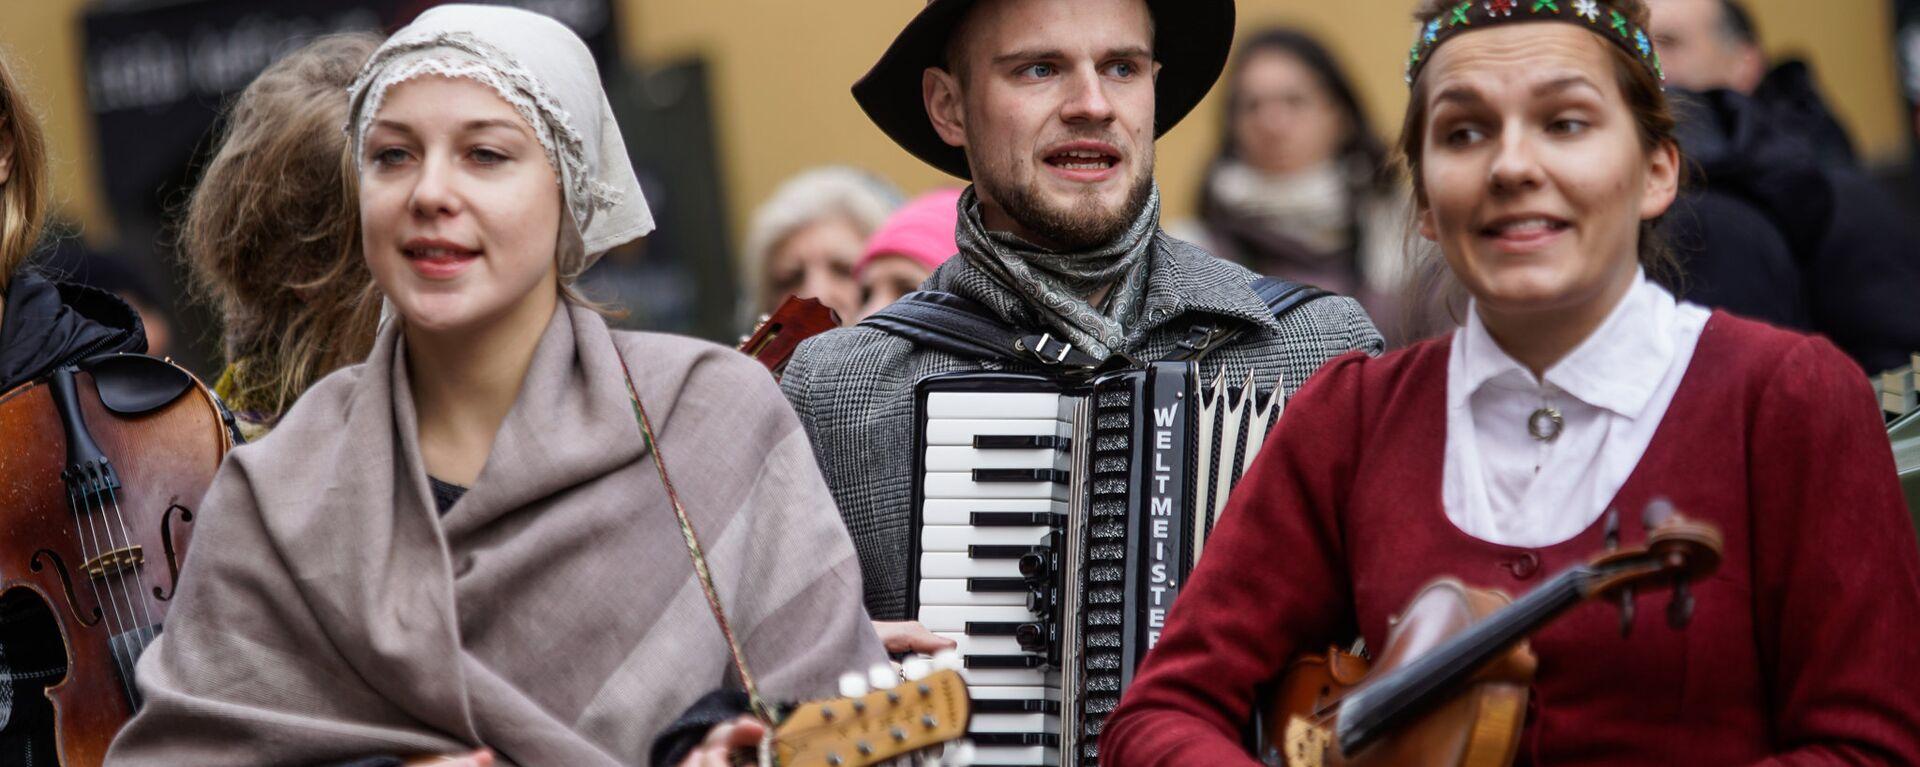 Латыши в национальных костюмах - Sputnik Латвия, 1920, 15.10.2020